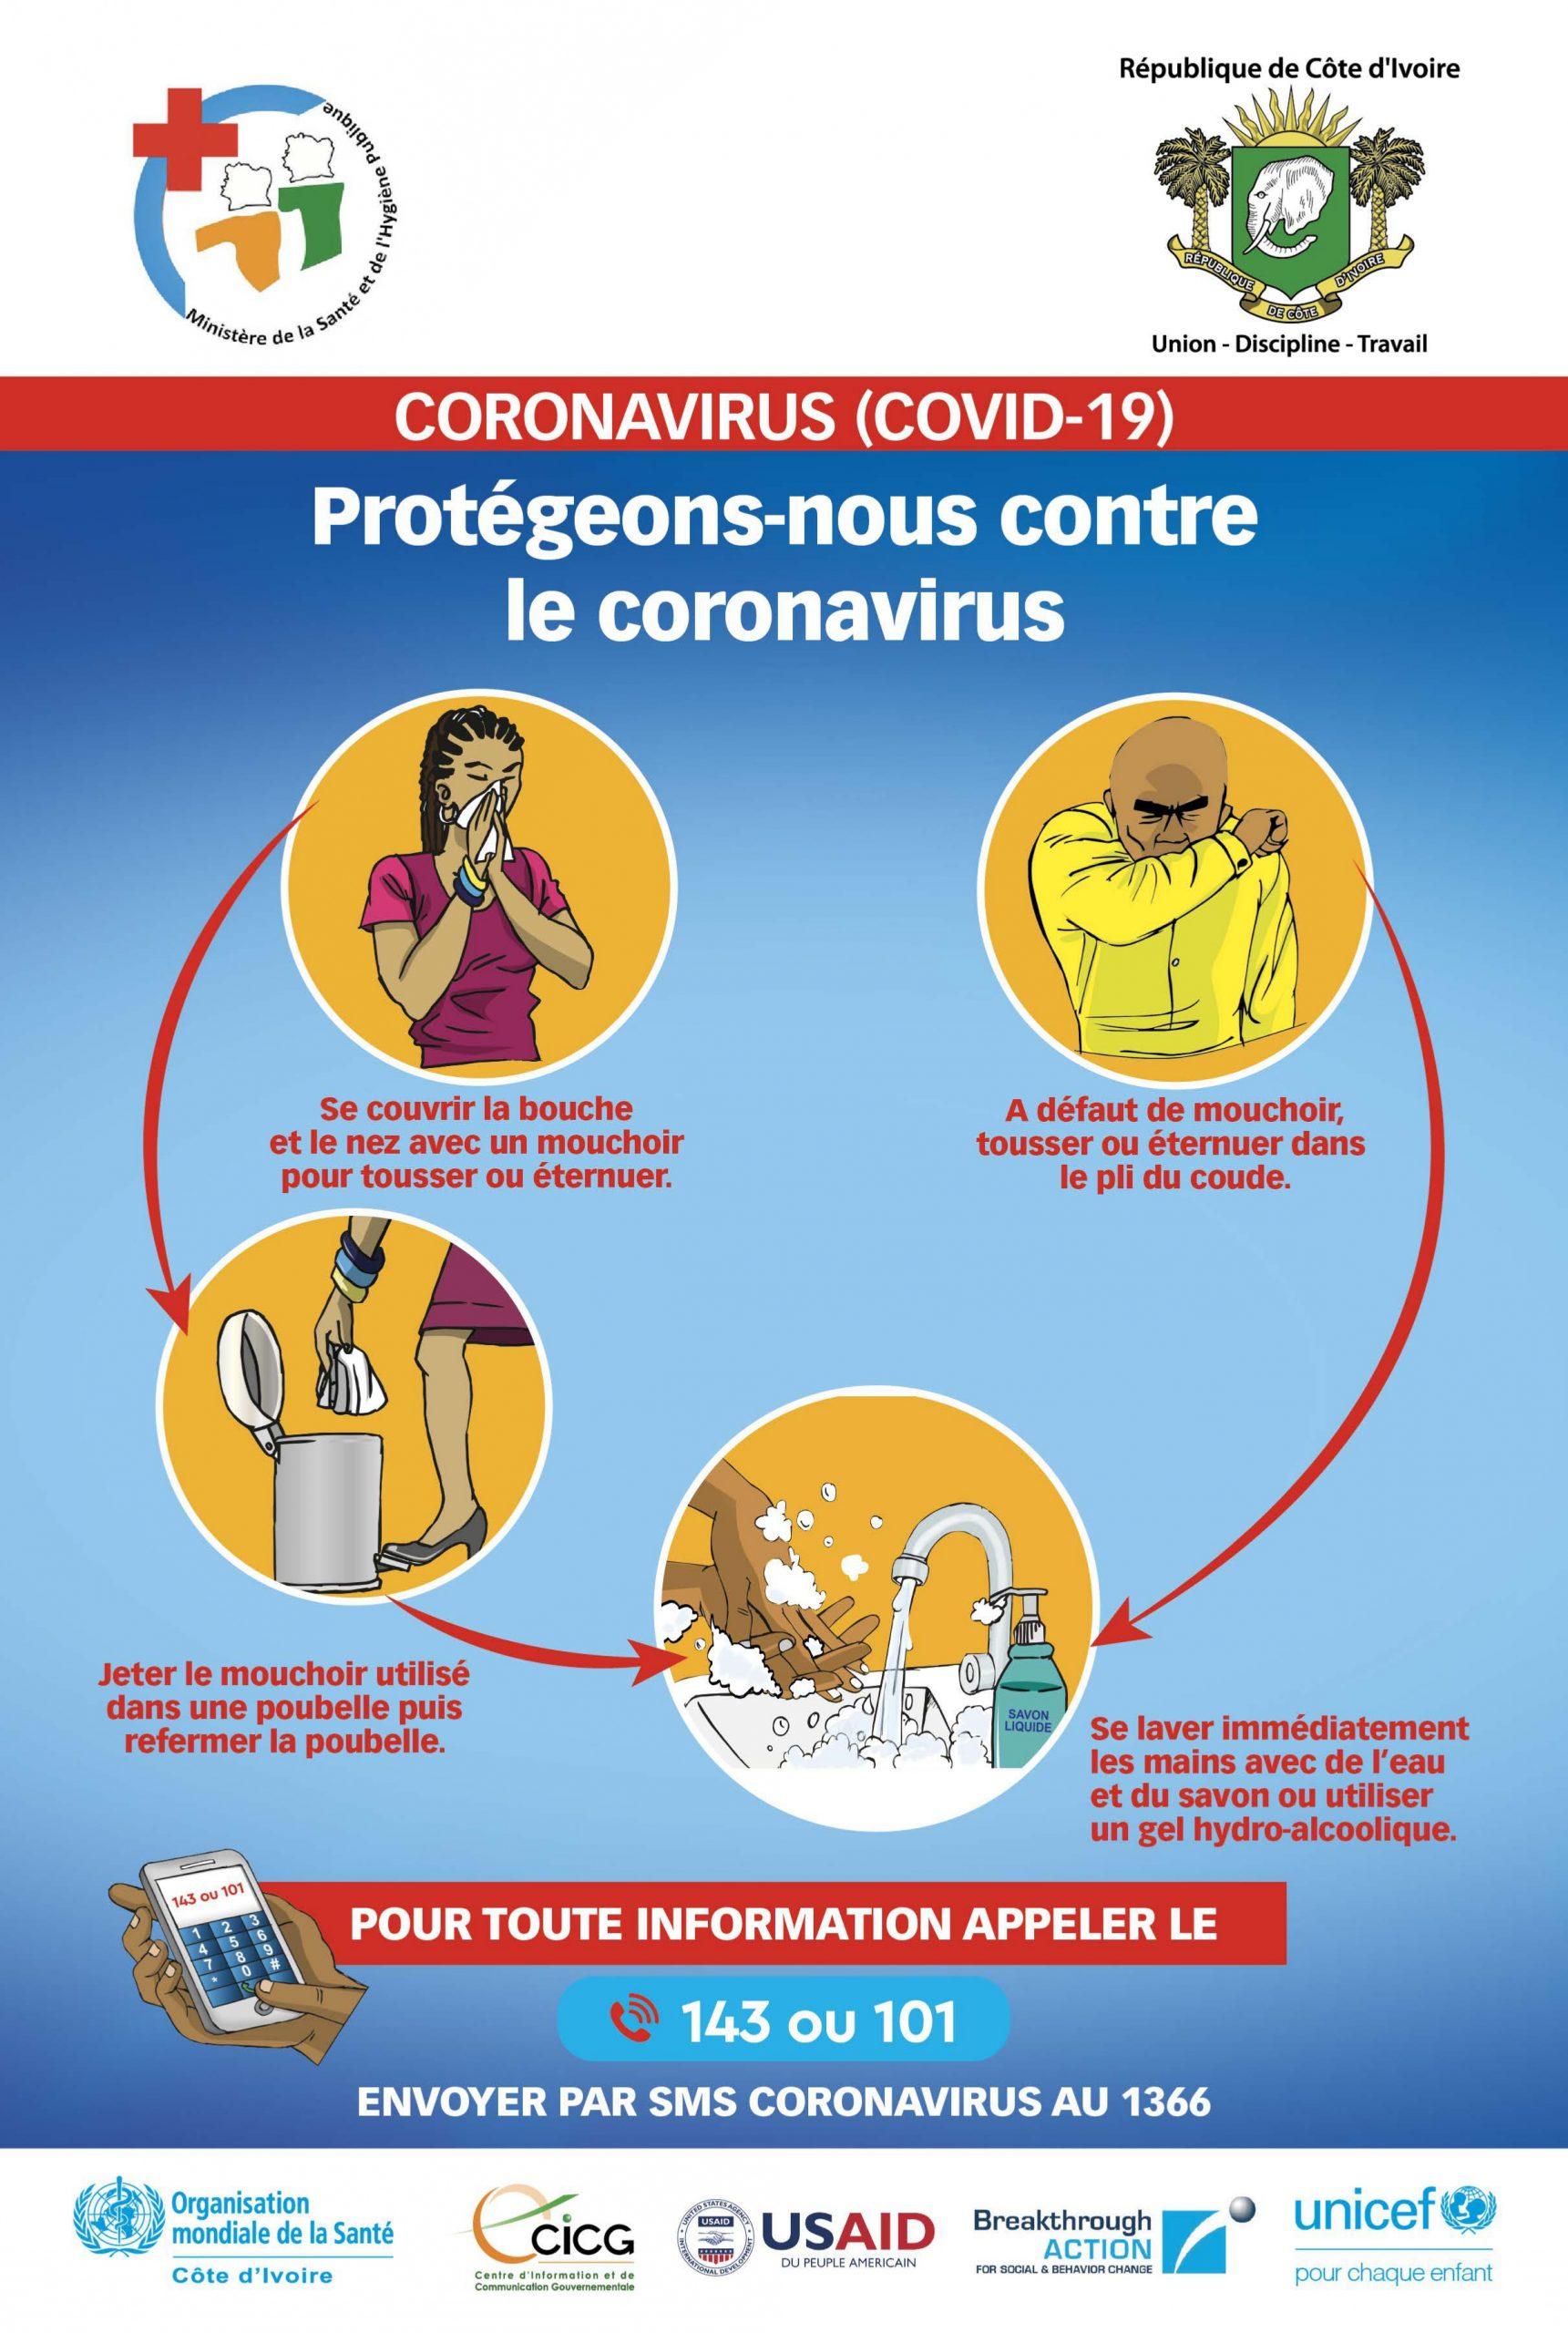 PROTECTION CONTRE LE CORONAVIRUS (COVID19)_page-0001